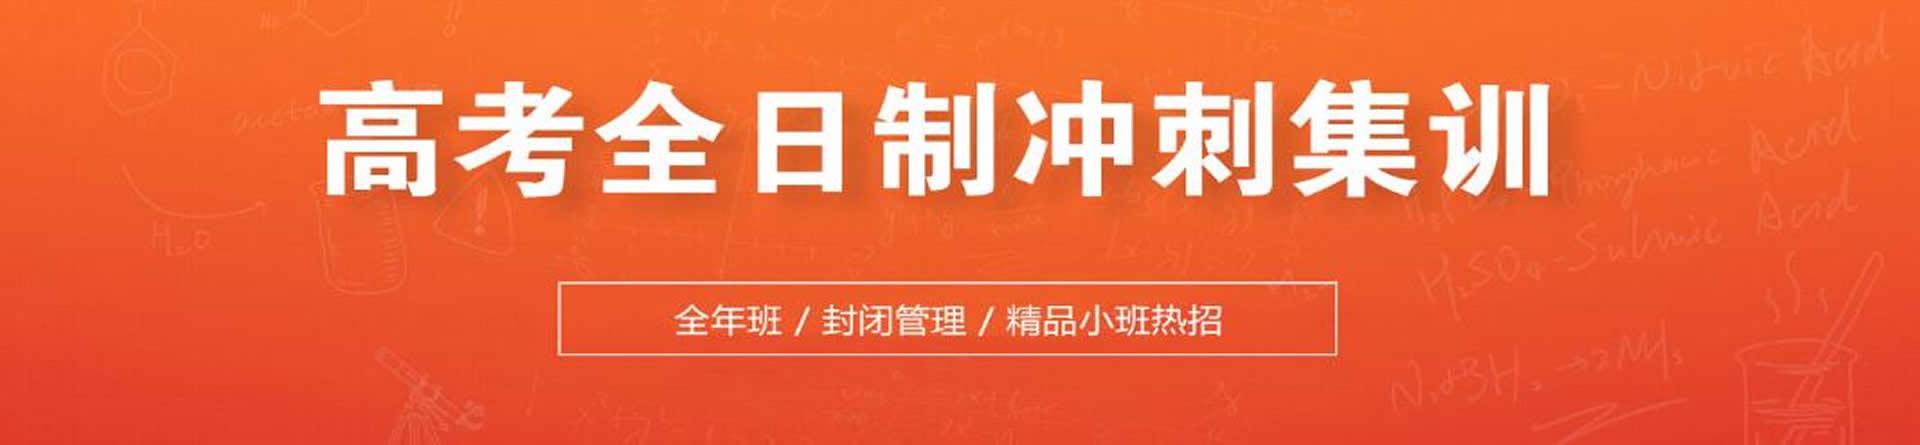 郑州高考全日制教育